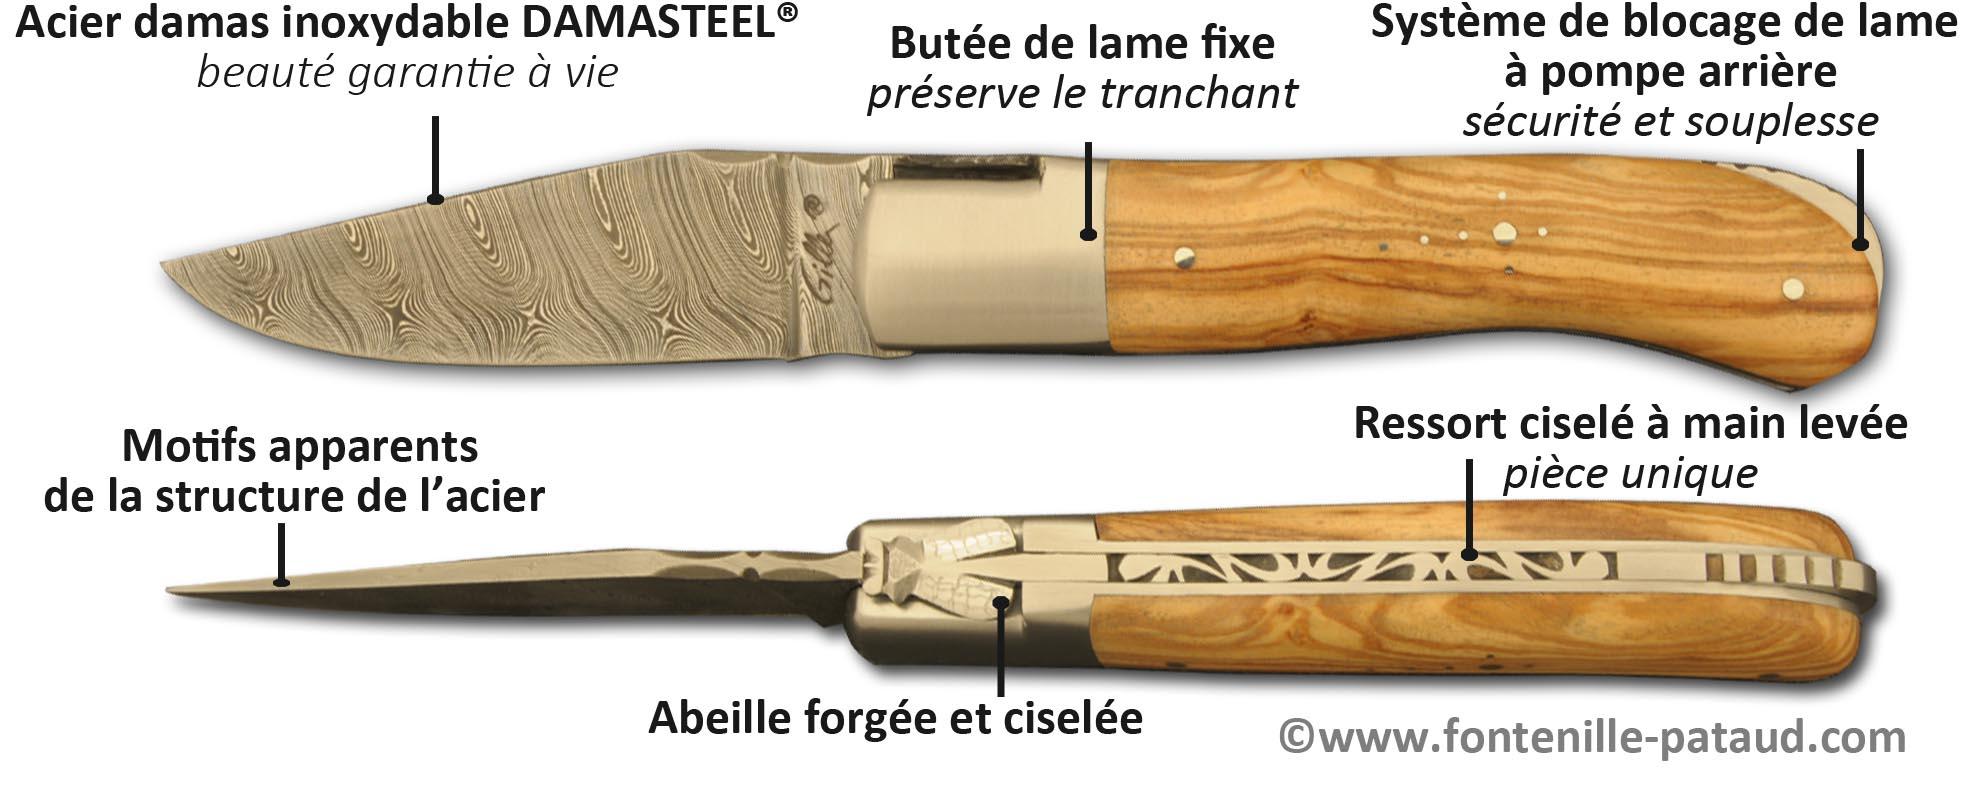 Couteau Laguiole Gentleman avec lame en acier damas inoxydable : ne s'oxyde pas